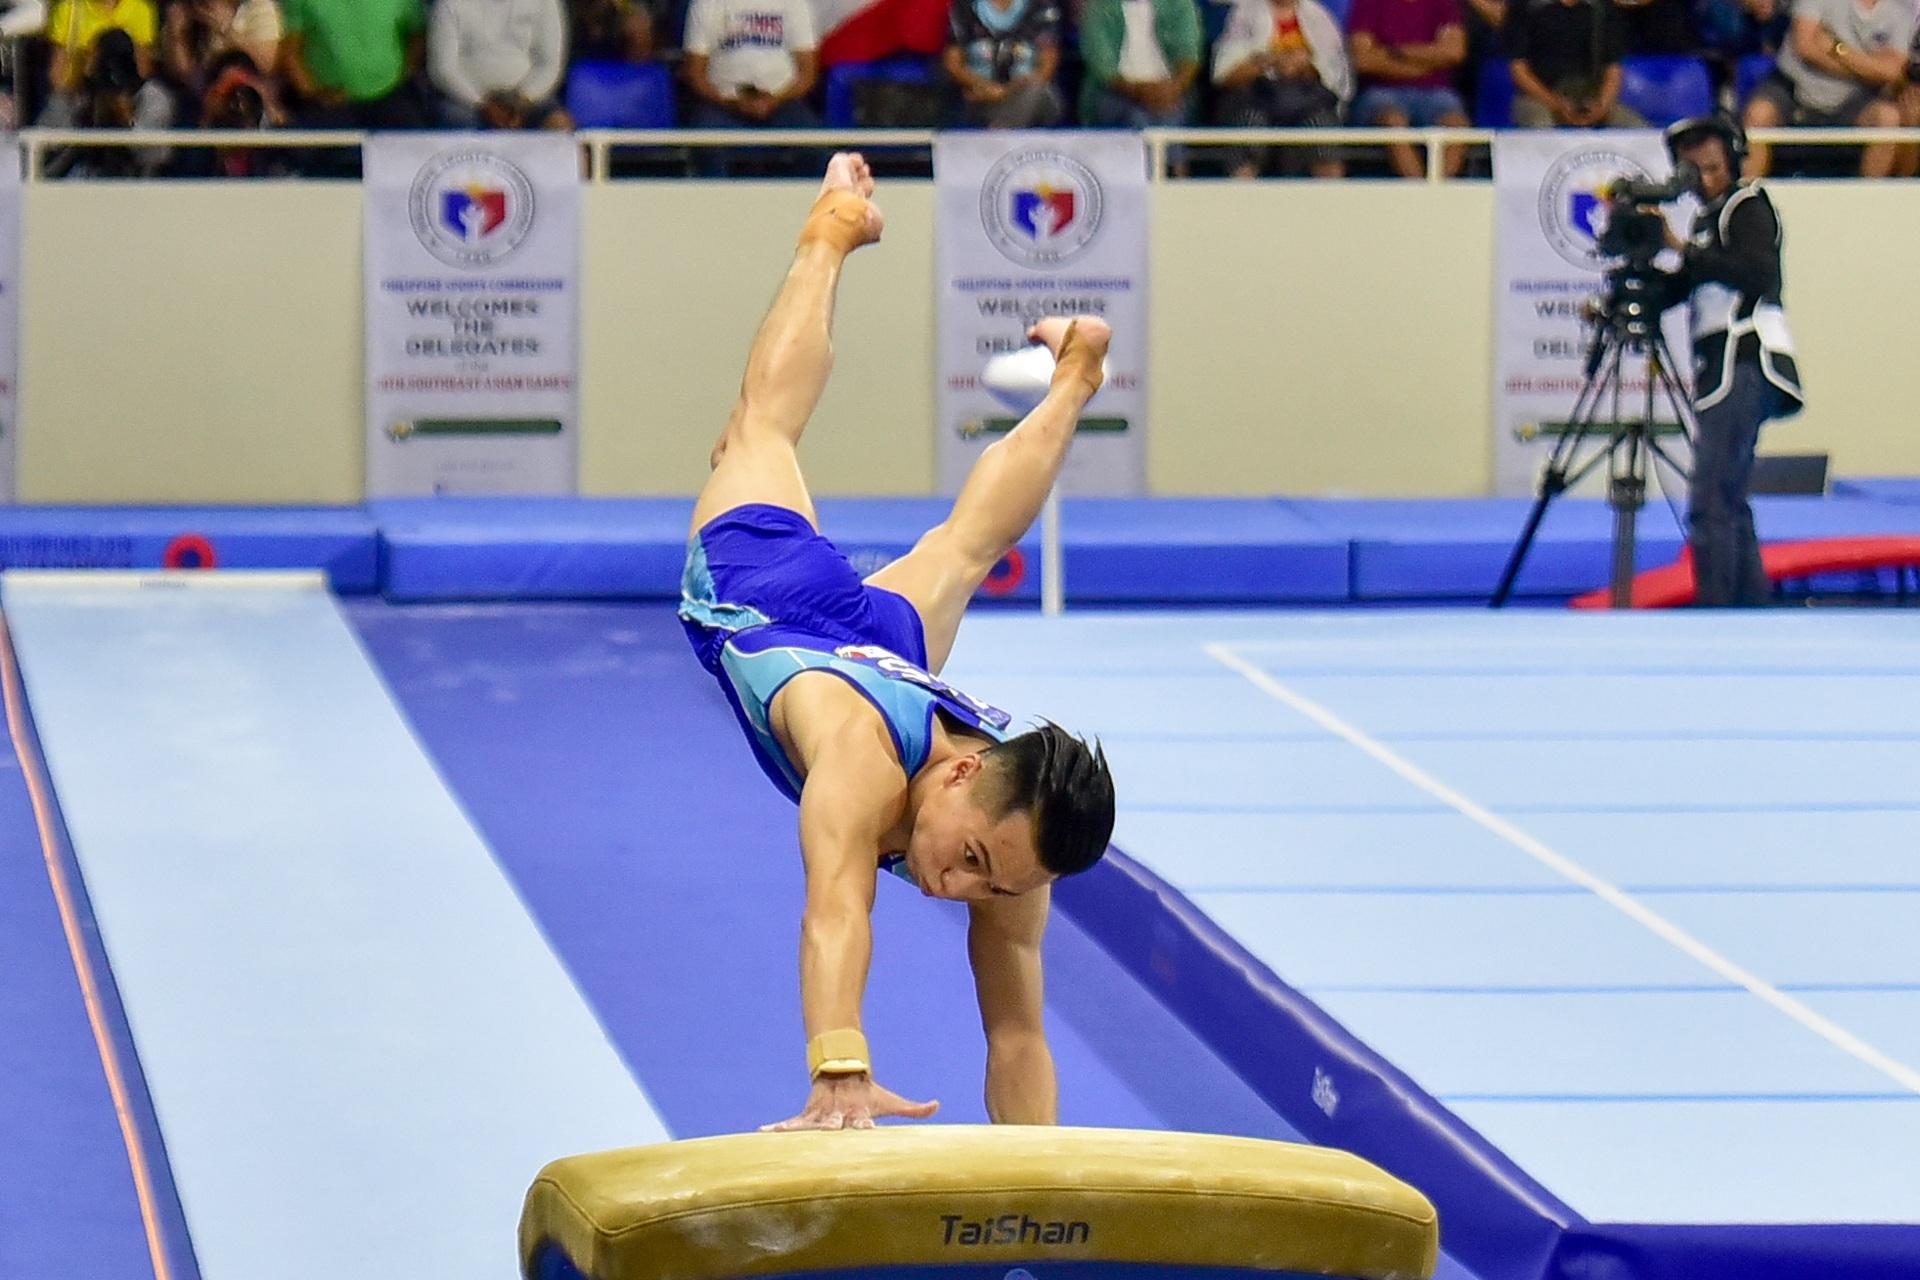 Những khoảnh khắc ấn tượng trong môn thi Thể dục dụng cụ - 14